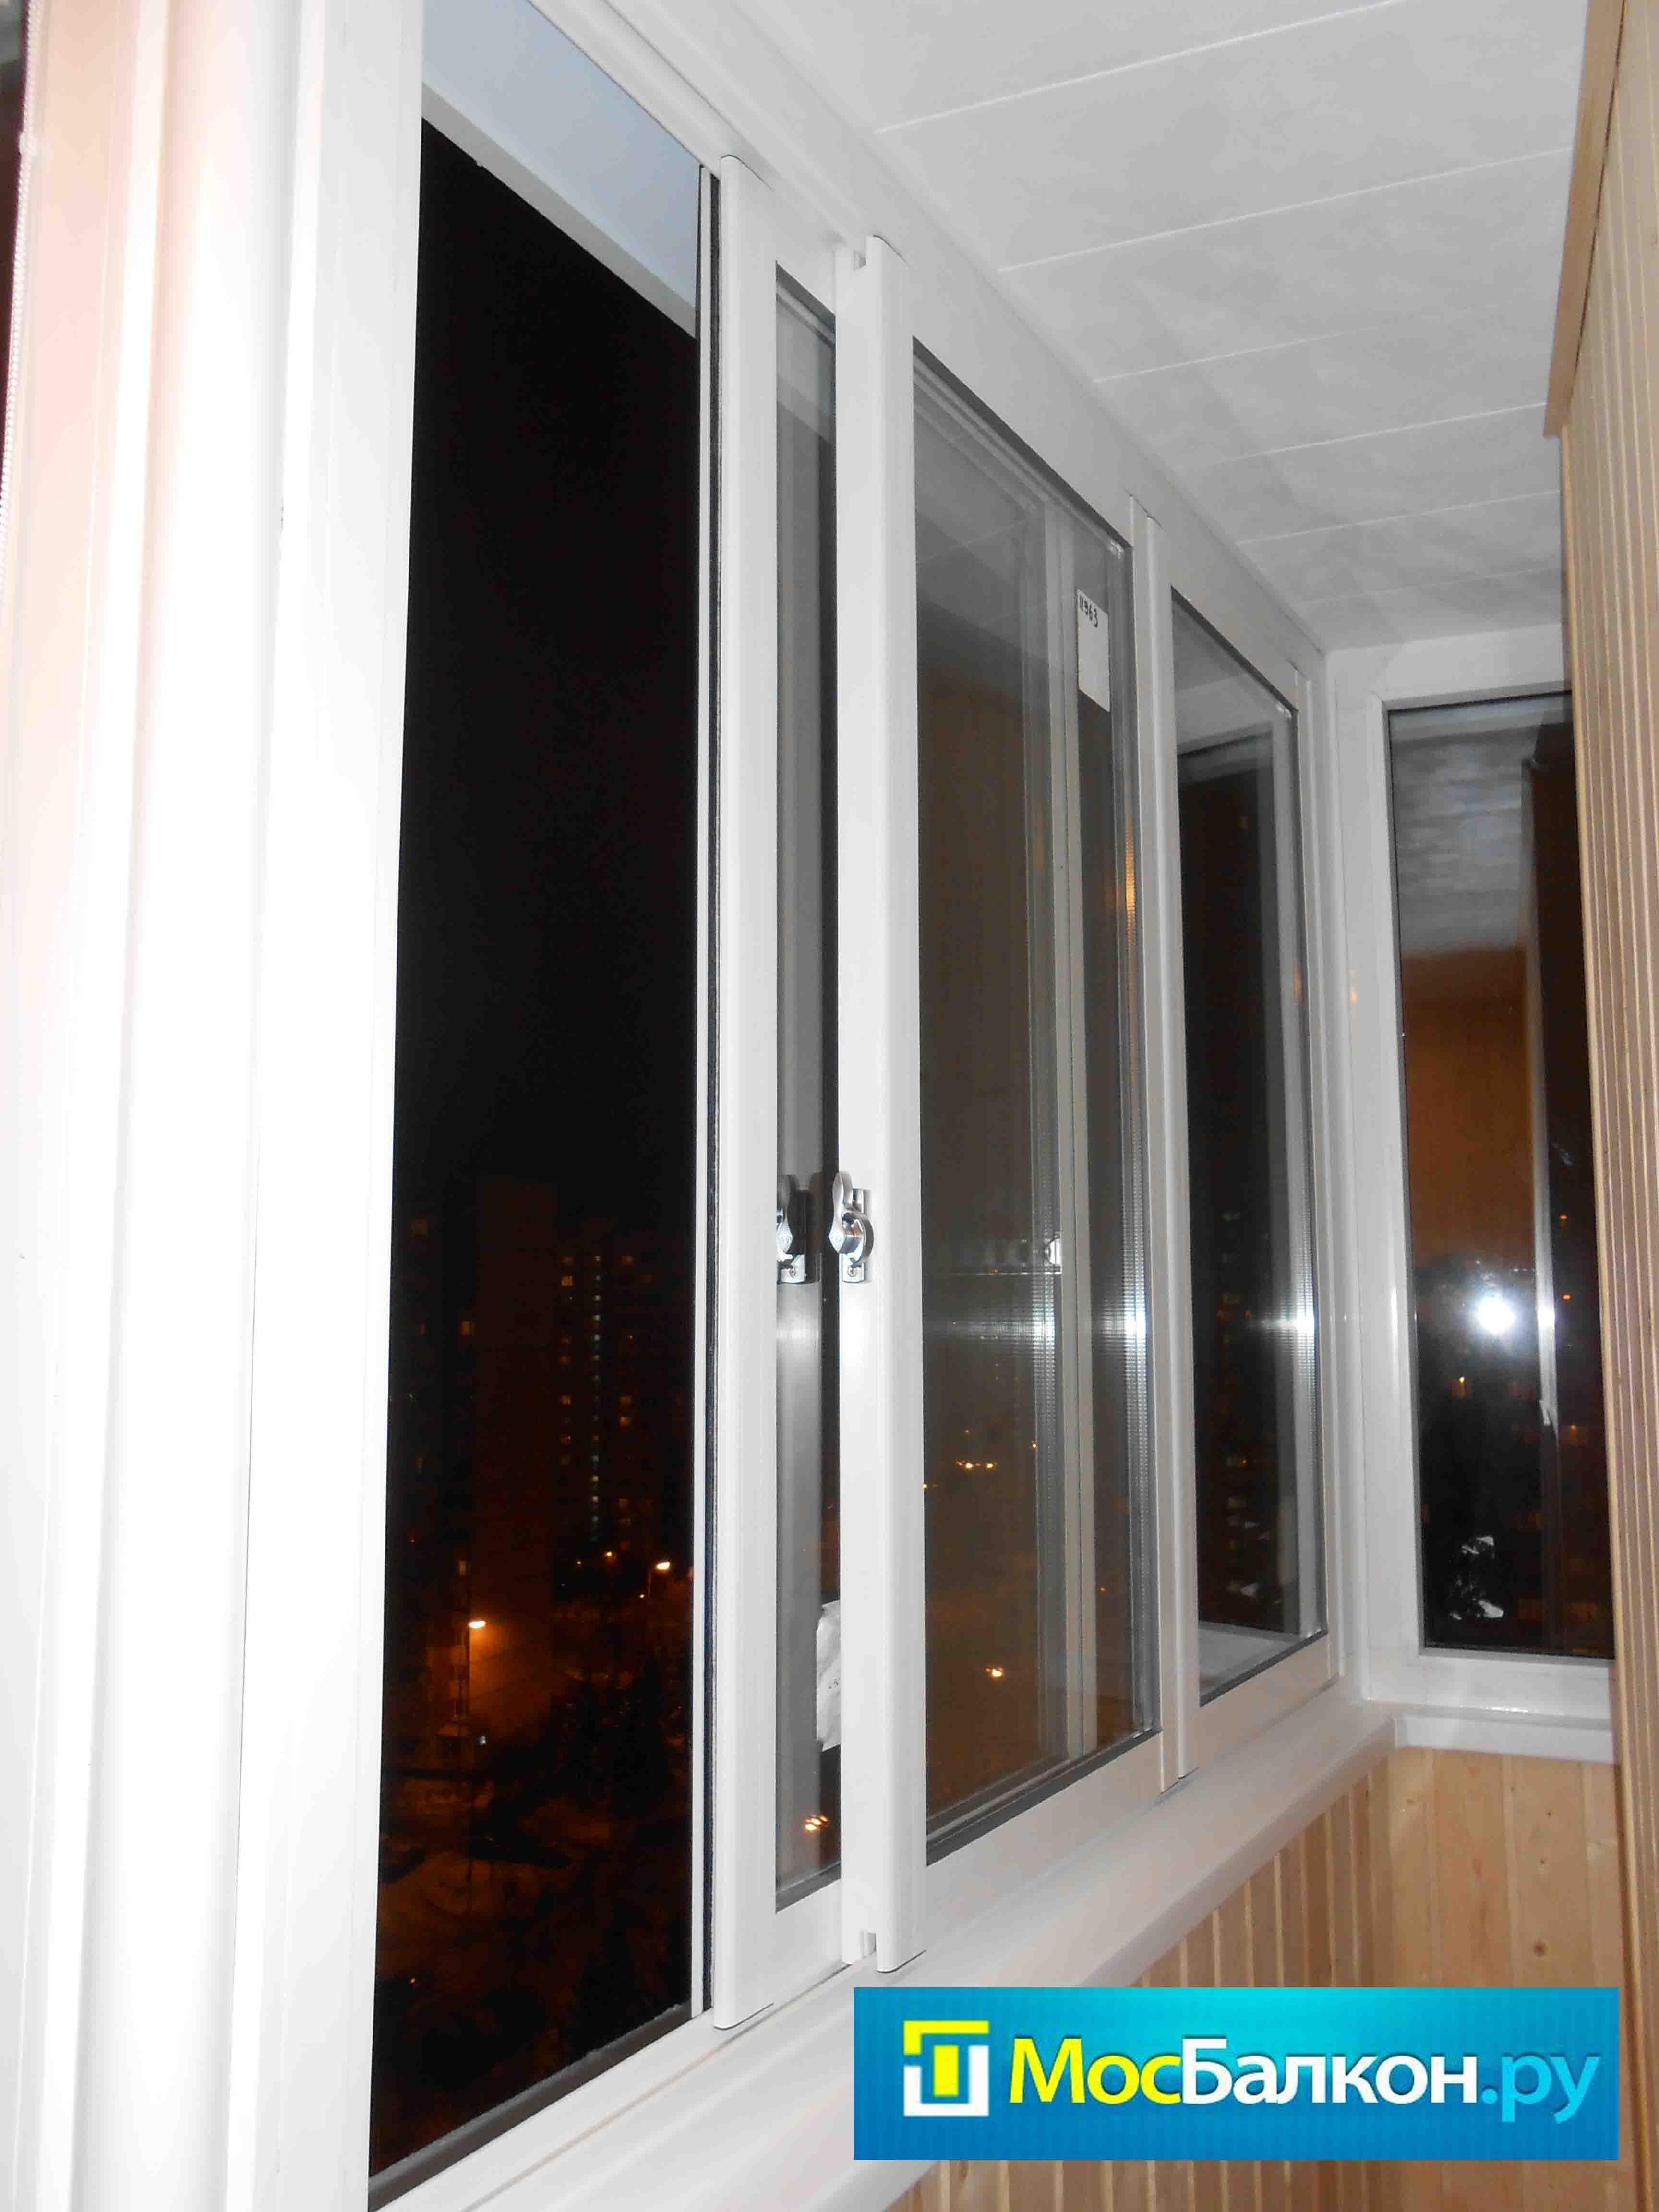 Раздвижные системы балконного остекления slidors ремонт. - к.